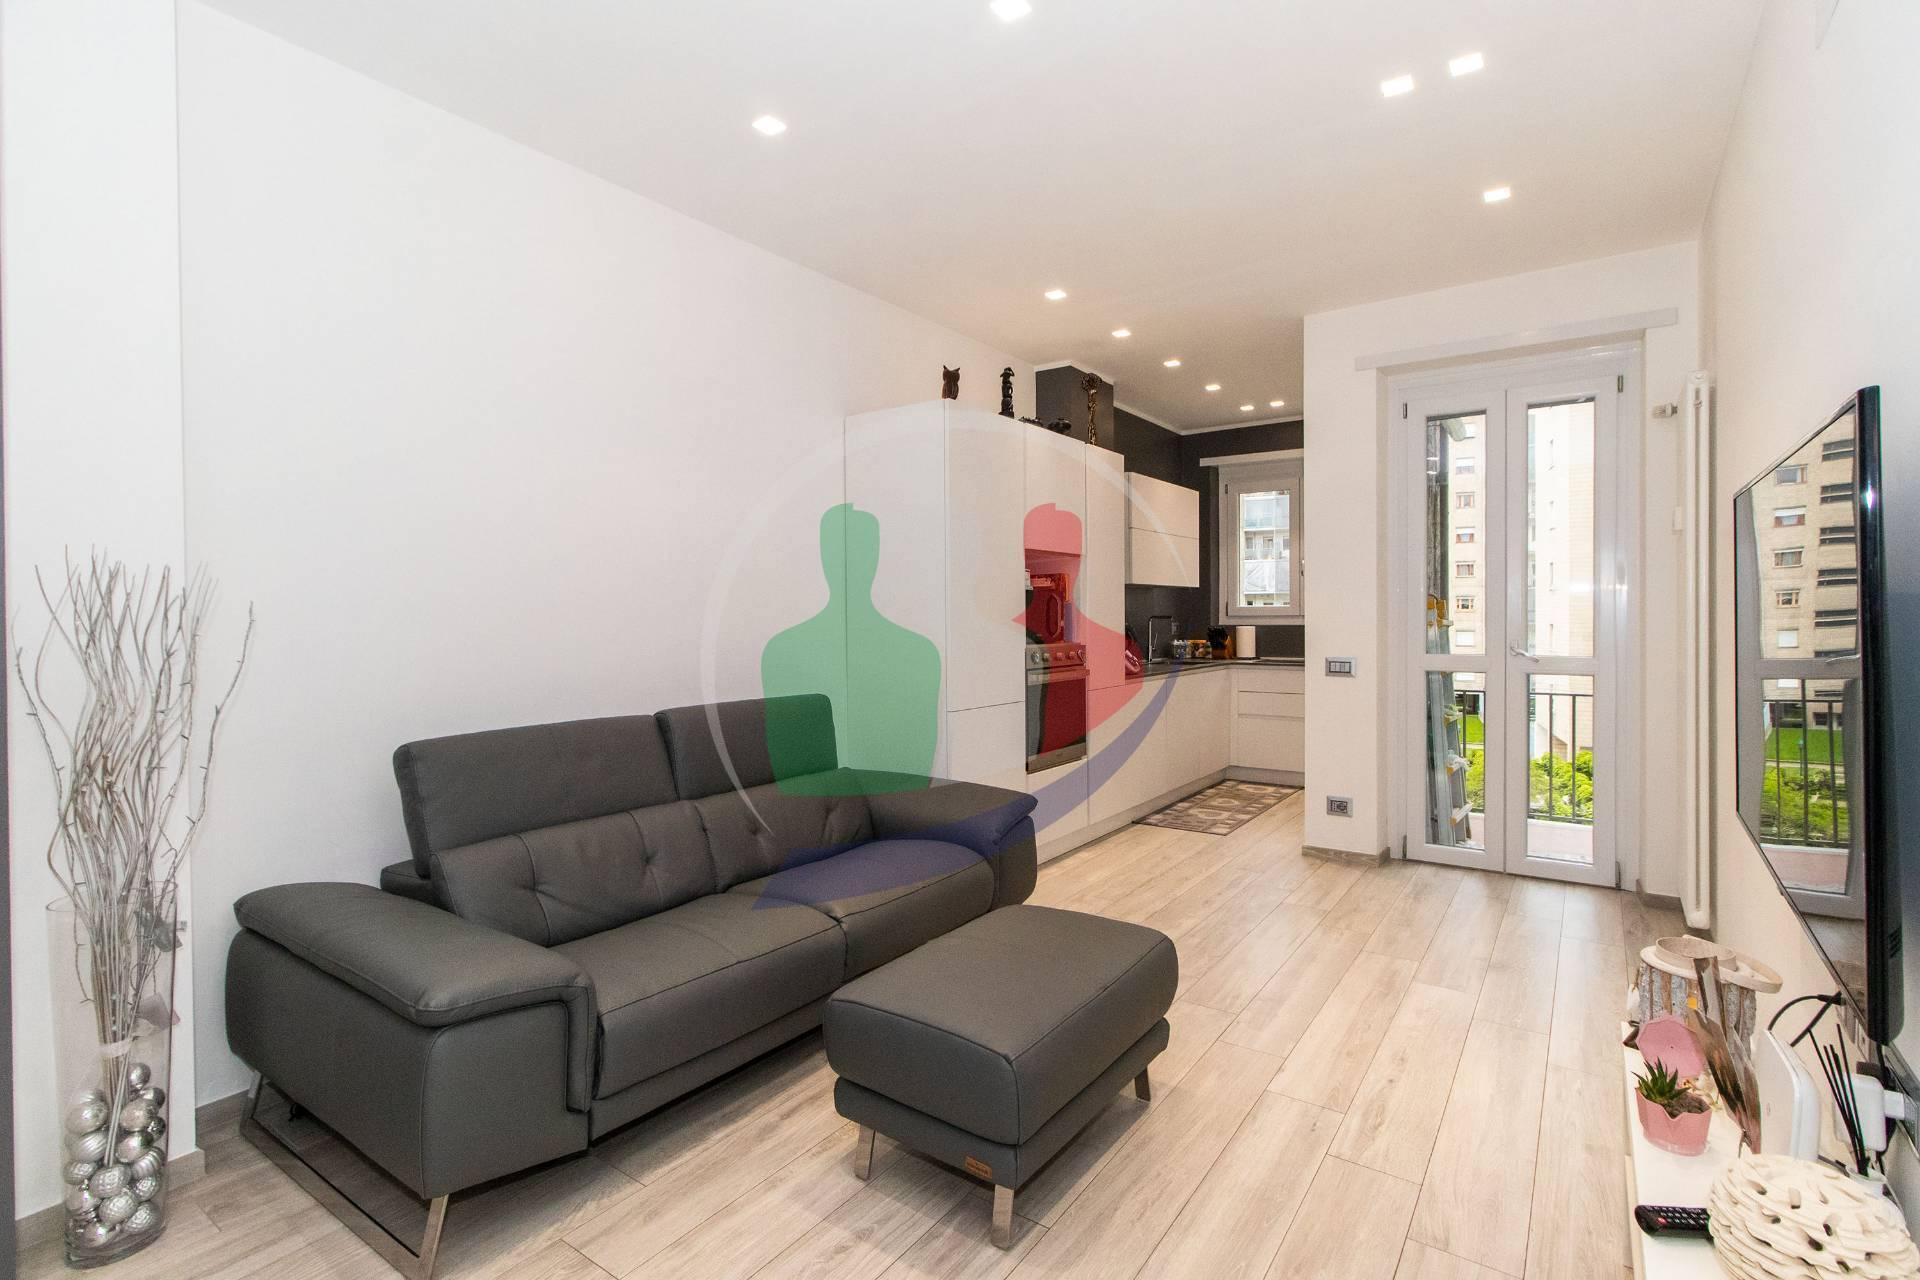 Appartamento in vendita a Torino, 2 locali, prezzo € 120.000 | PortaleAgenzieImmobiliari.it